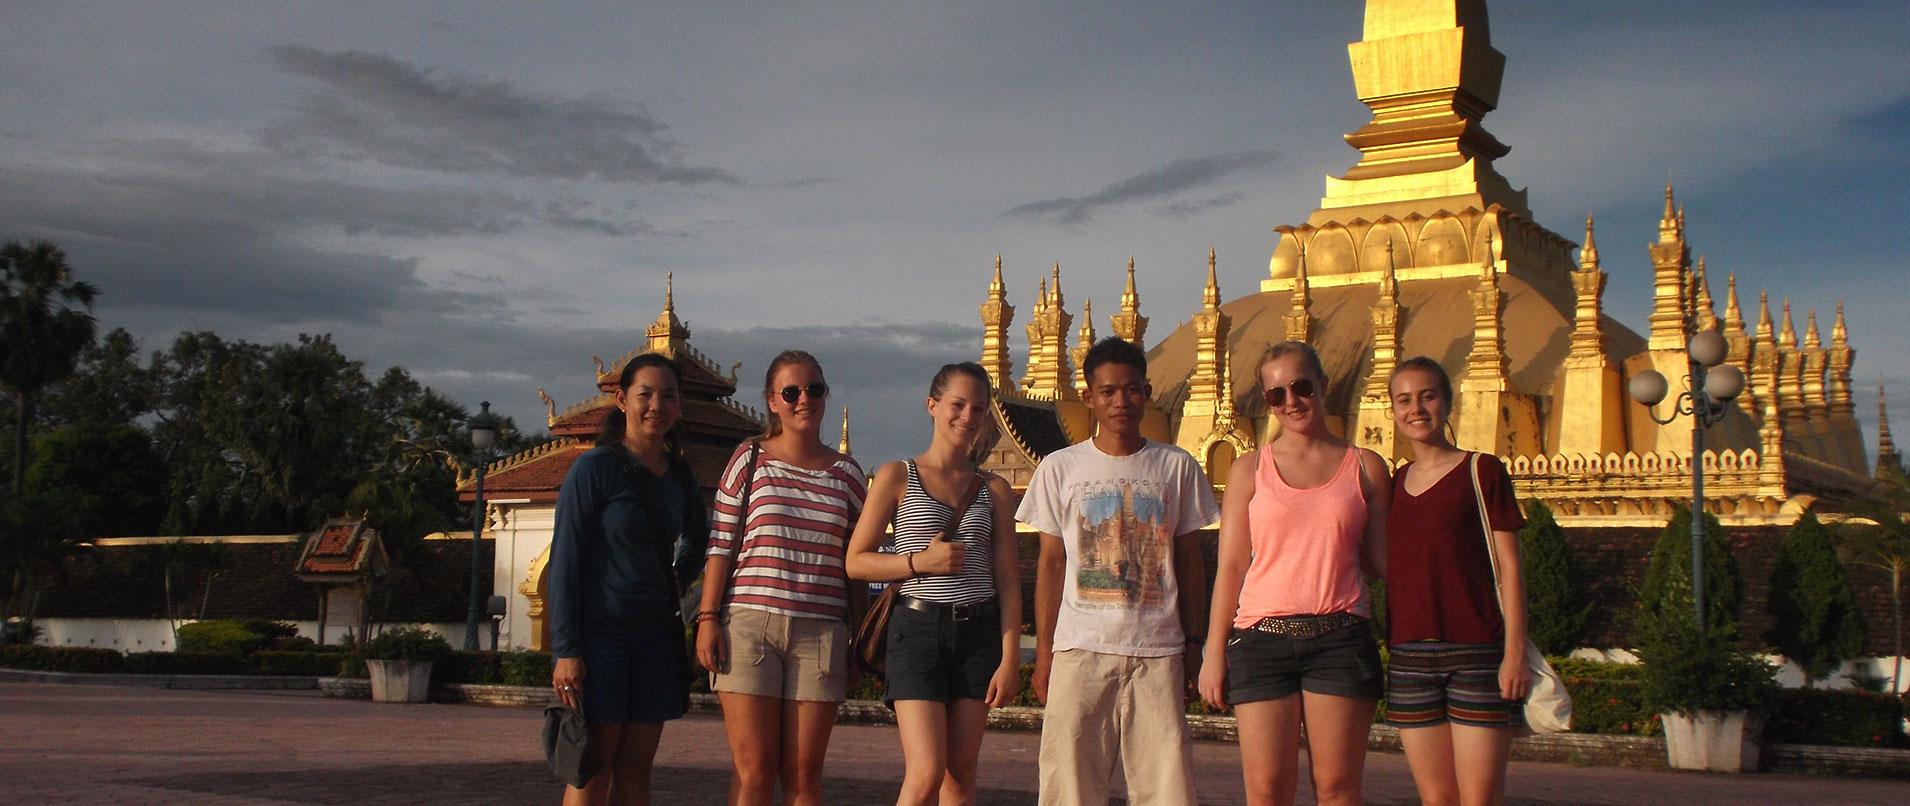 Laos: Language & Cultural Exchange | Global Nomadic